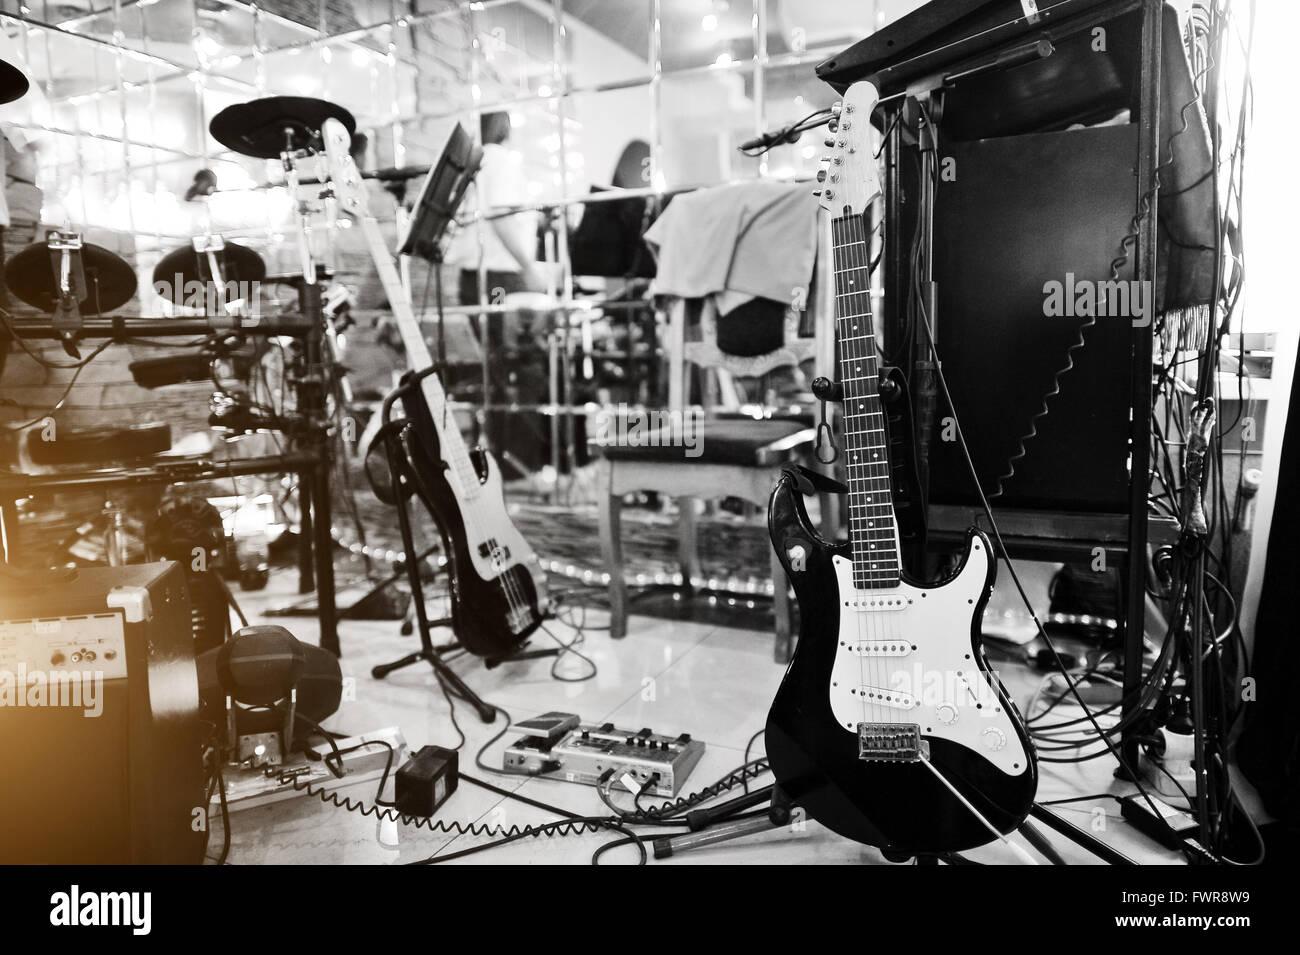 Impostazione audio chitarra effetti di lavorazione e chitarra elettrica Immagini Stock